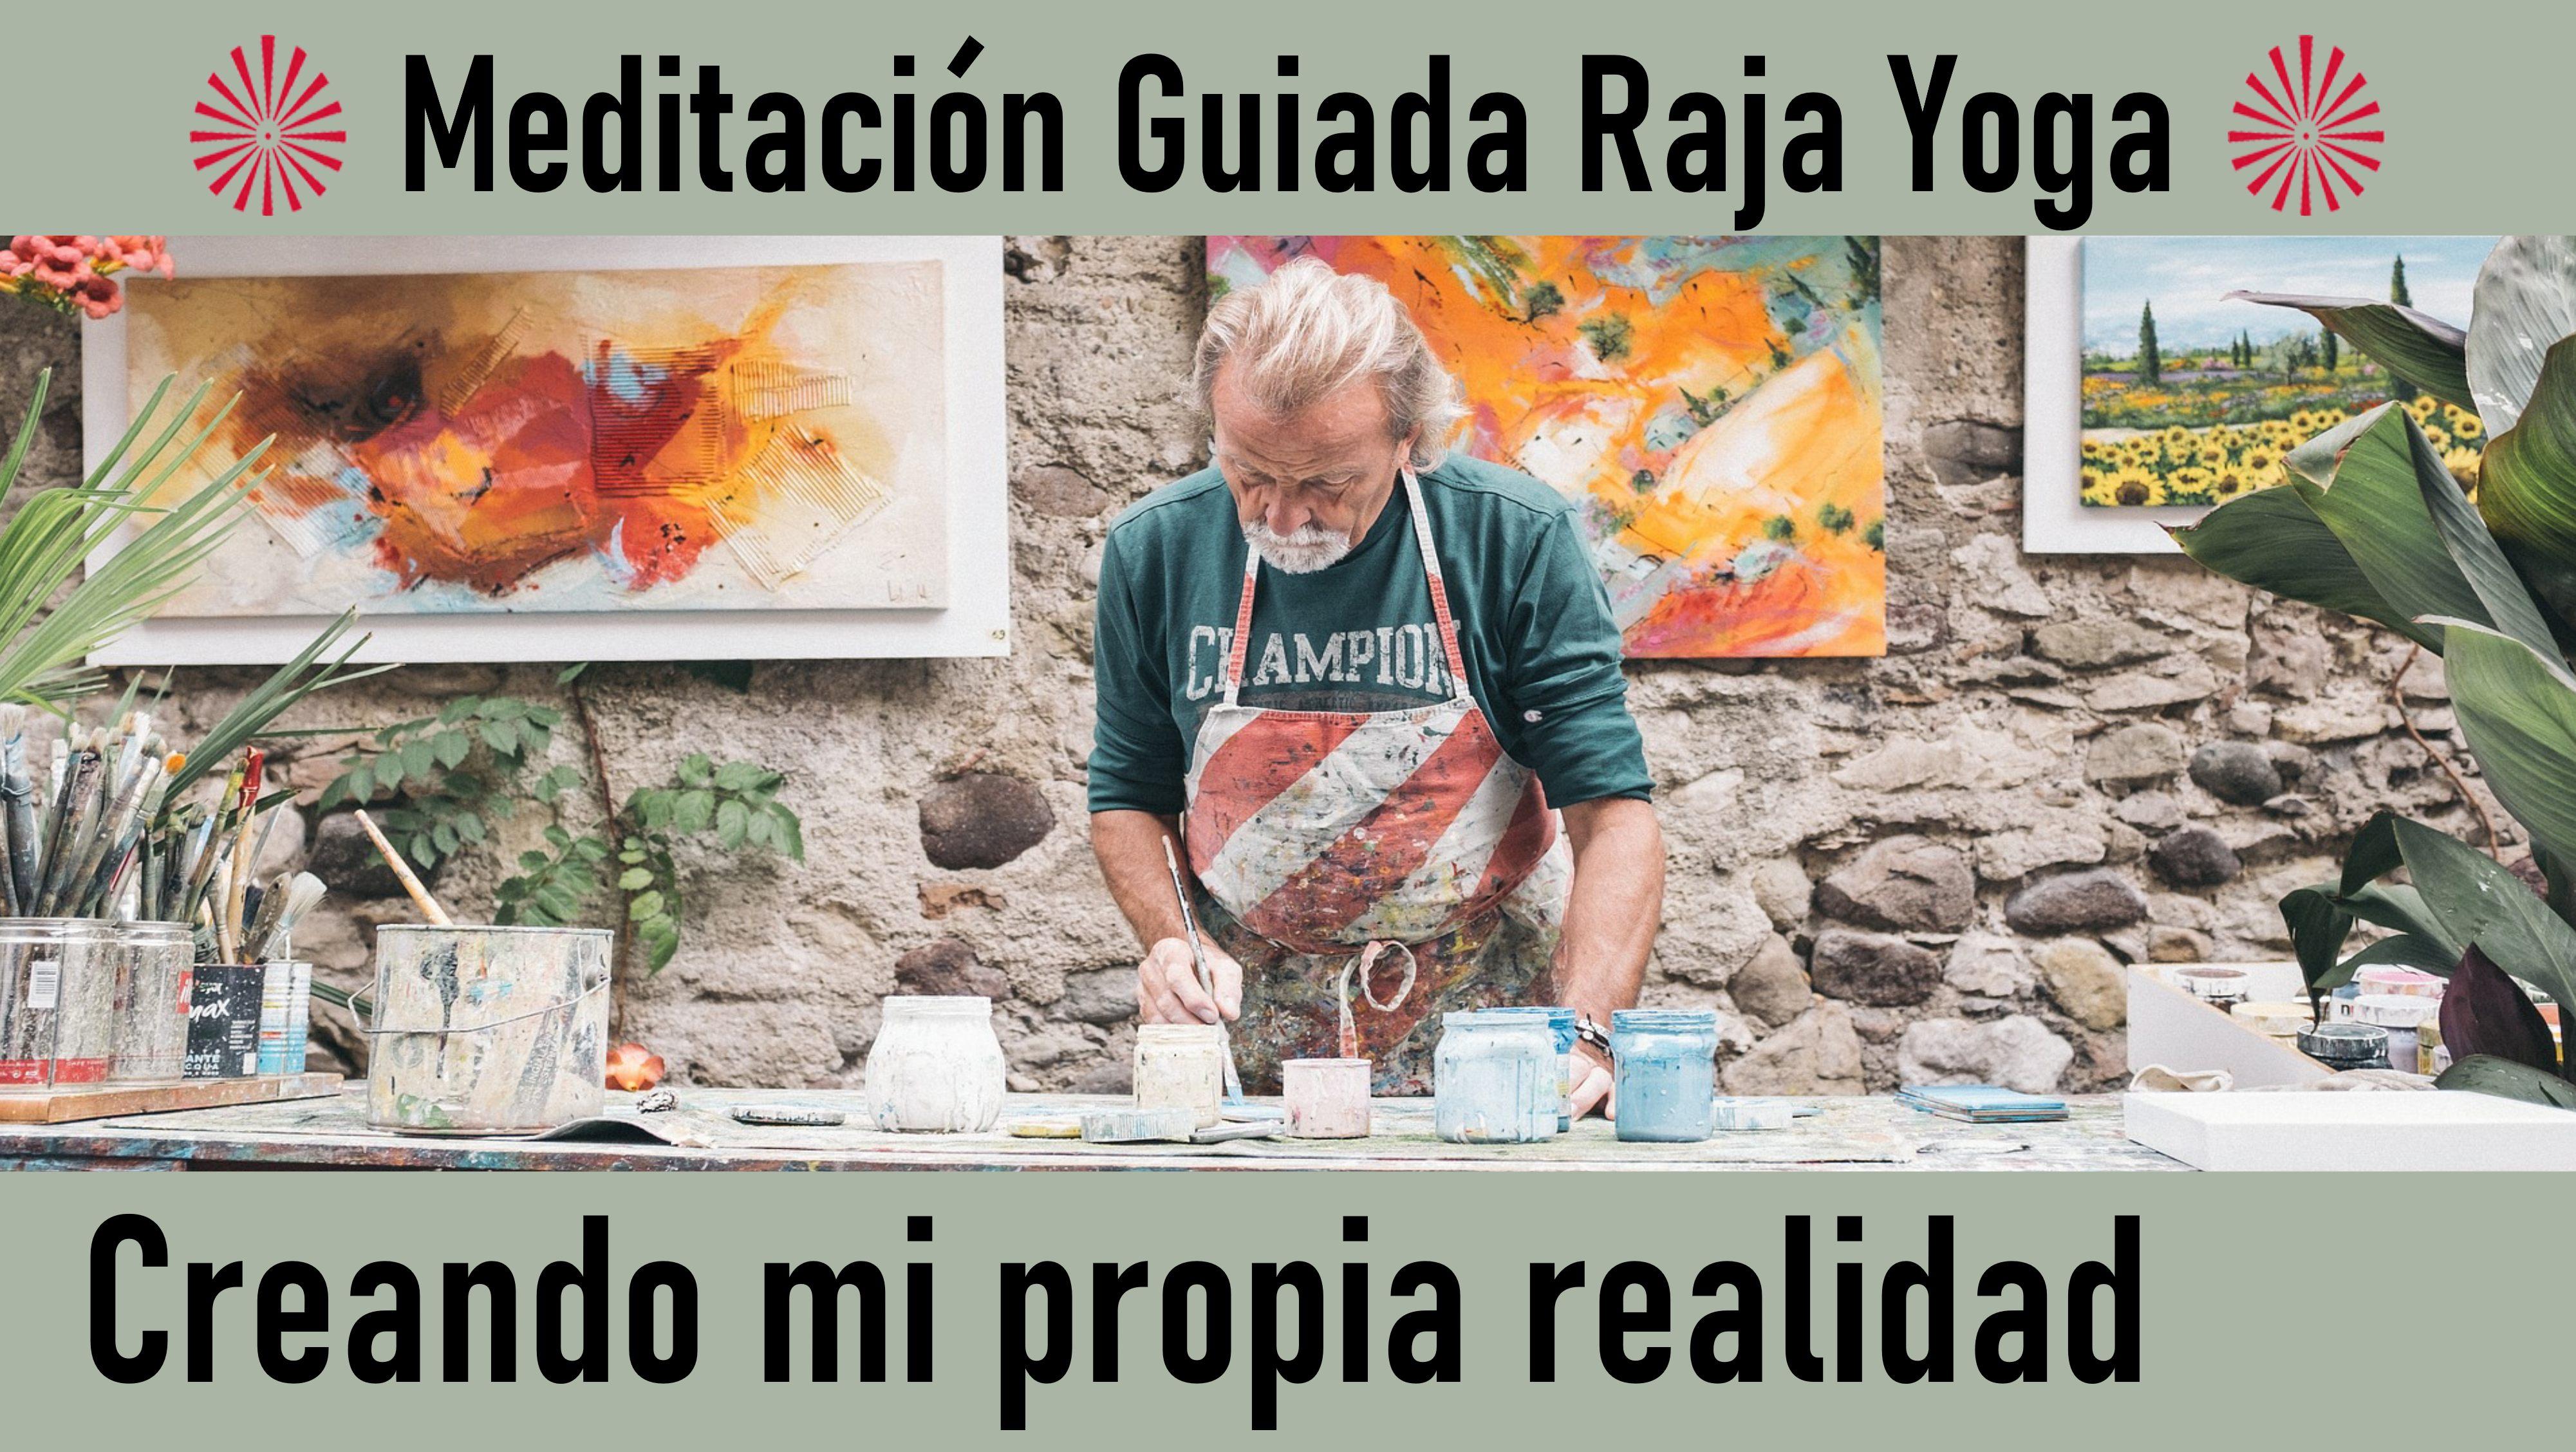 14 Agosto 2020 Meditación guiada: Creando mi propia realidad